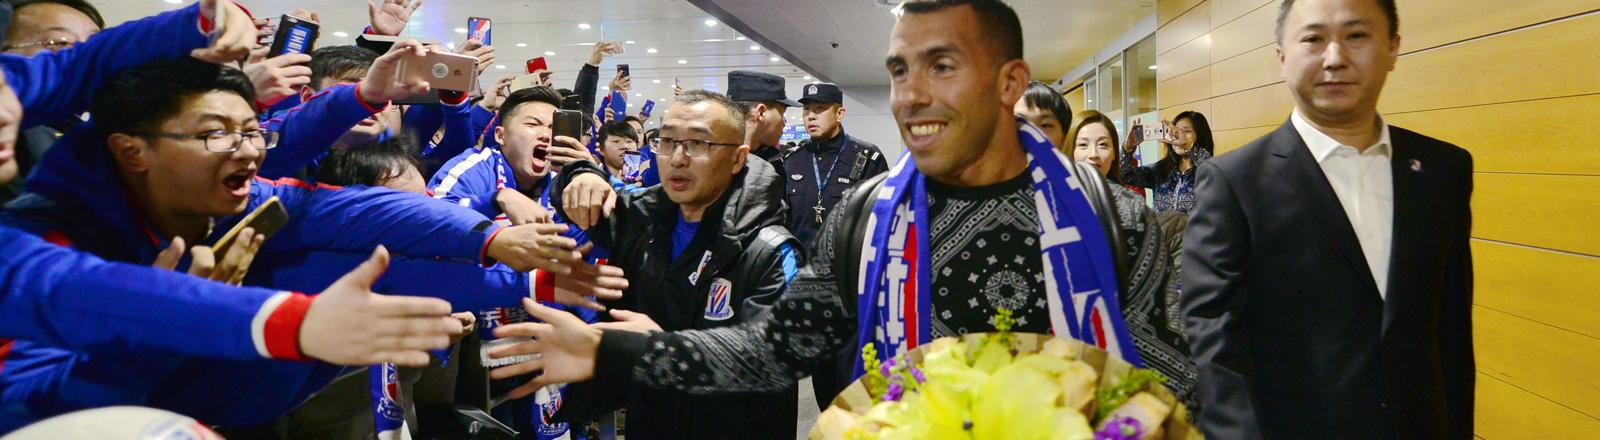 Der argentinische Fußballprofi Carlos Tevez wird von Fans am Flughafen in Schanghai am 17.01.2017 begrüßt.